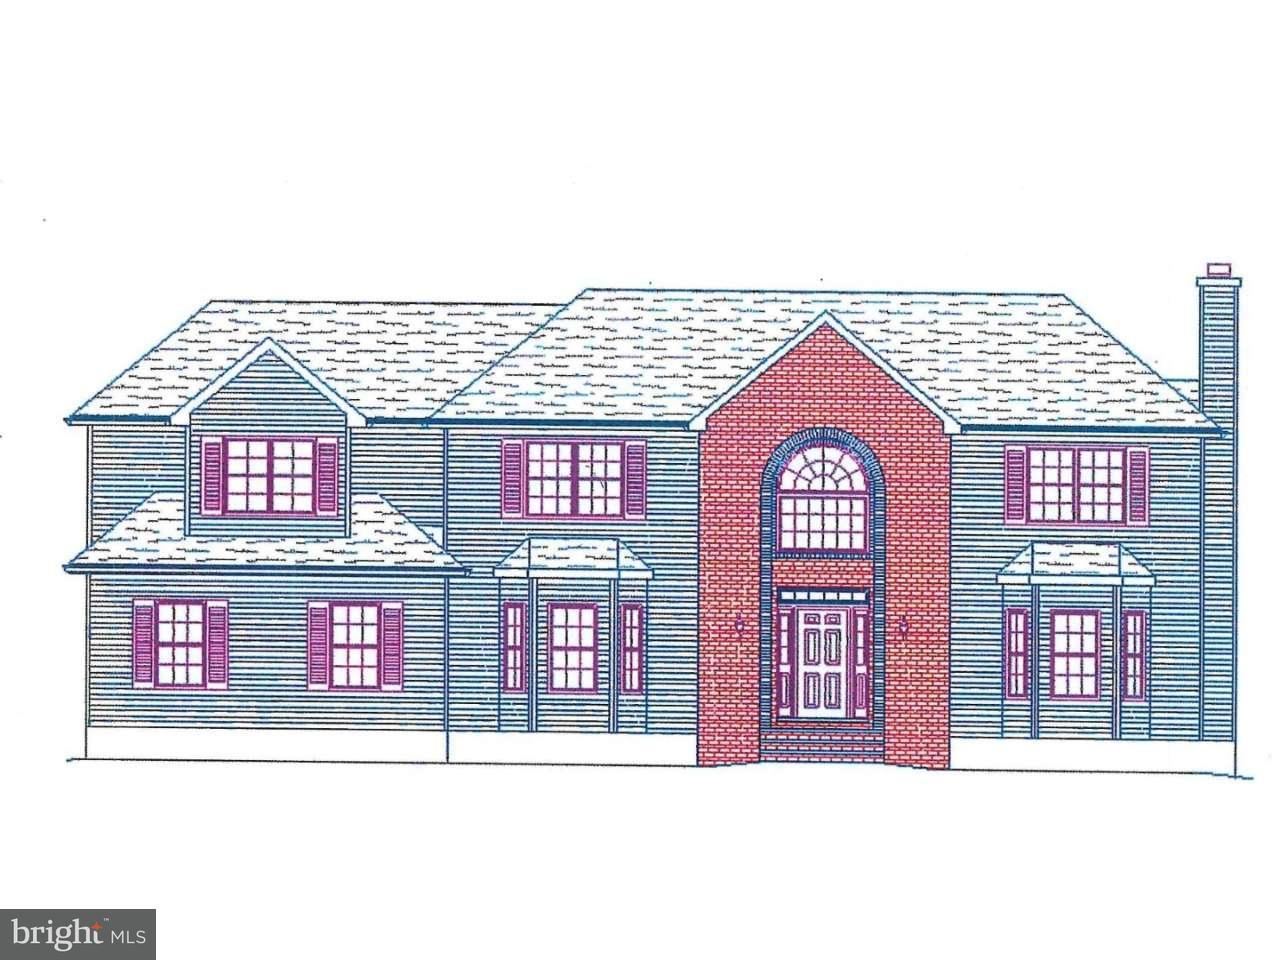 Частный односемейный дом для того Продажа на 5 SIENNA Court Robbinsville, Нью-Джерси 08691 Соединенные ШтатыВ/Около: Robbinsville Township